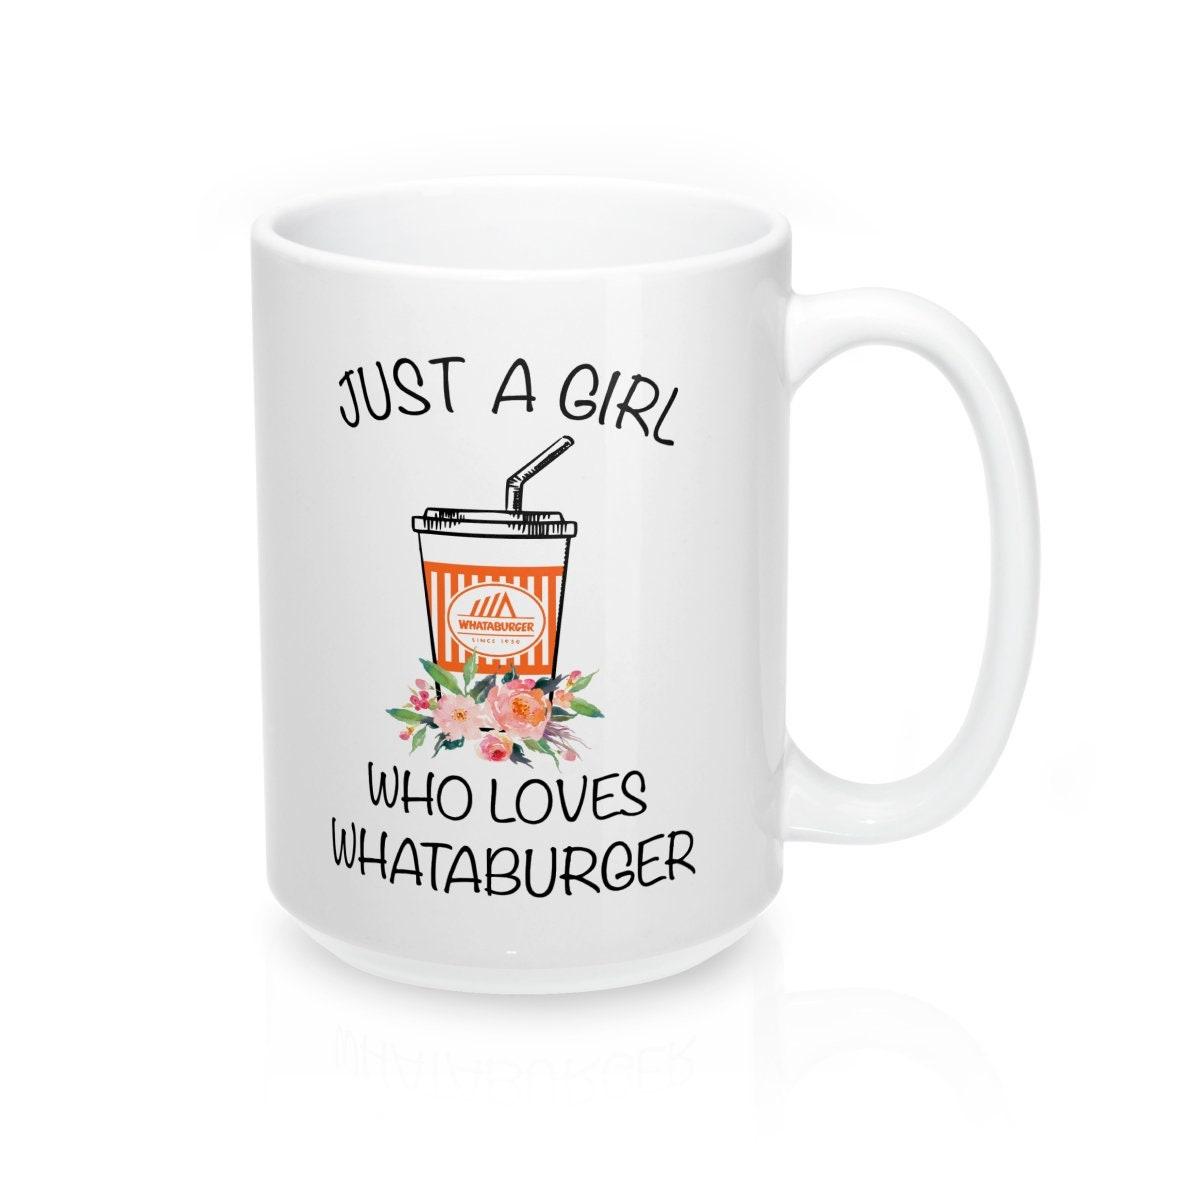 Whataburger Whataburger mug Just a girl mug Just a girl who | Etsy